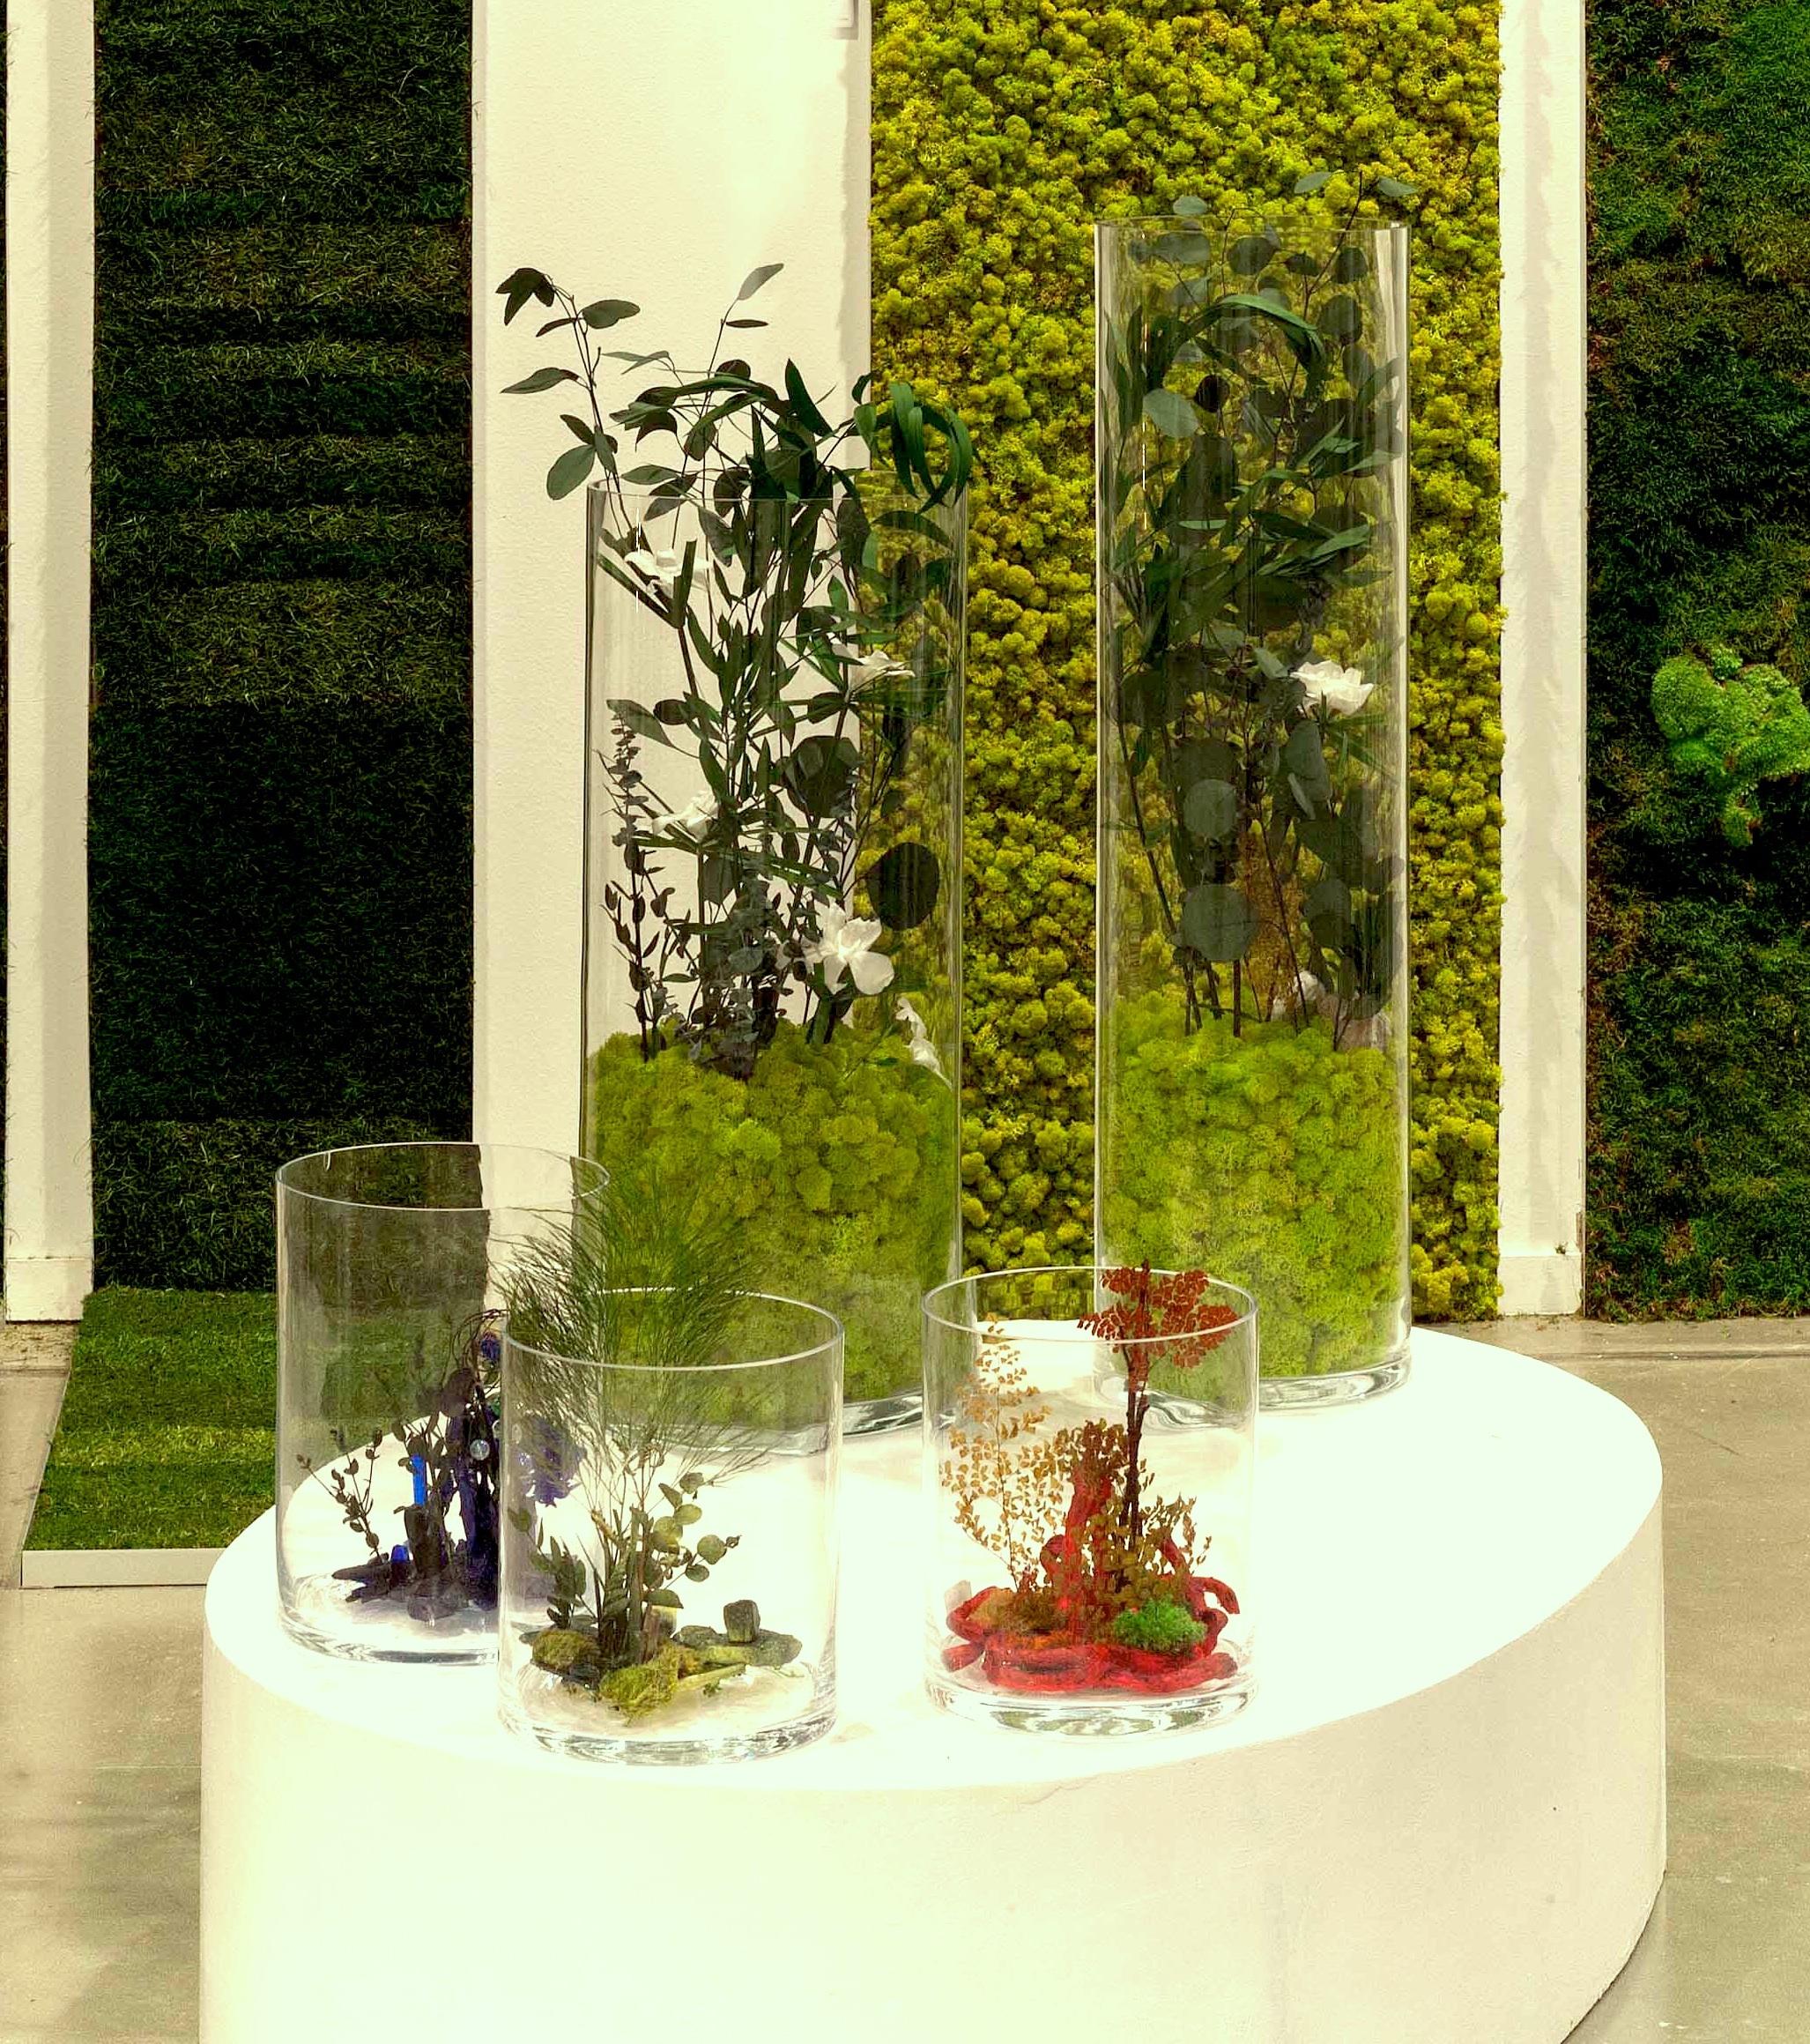 Los jardines de adonis claudia bonollo for Historia de los jardines verticales